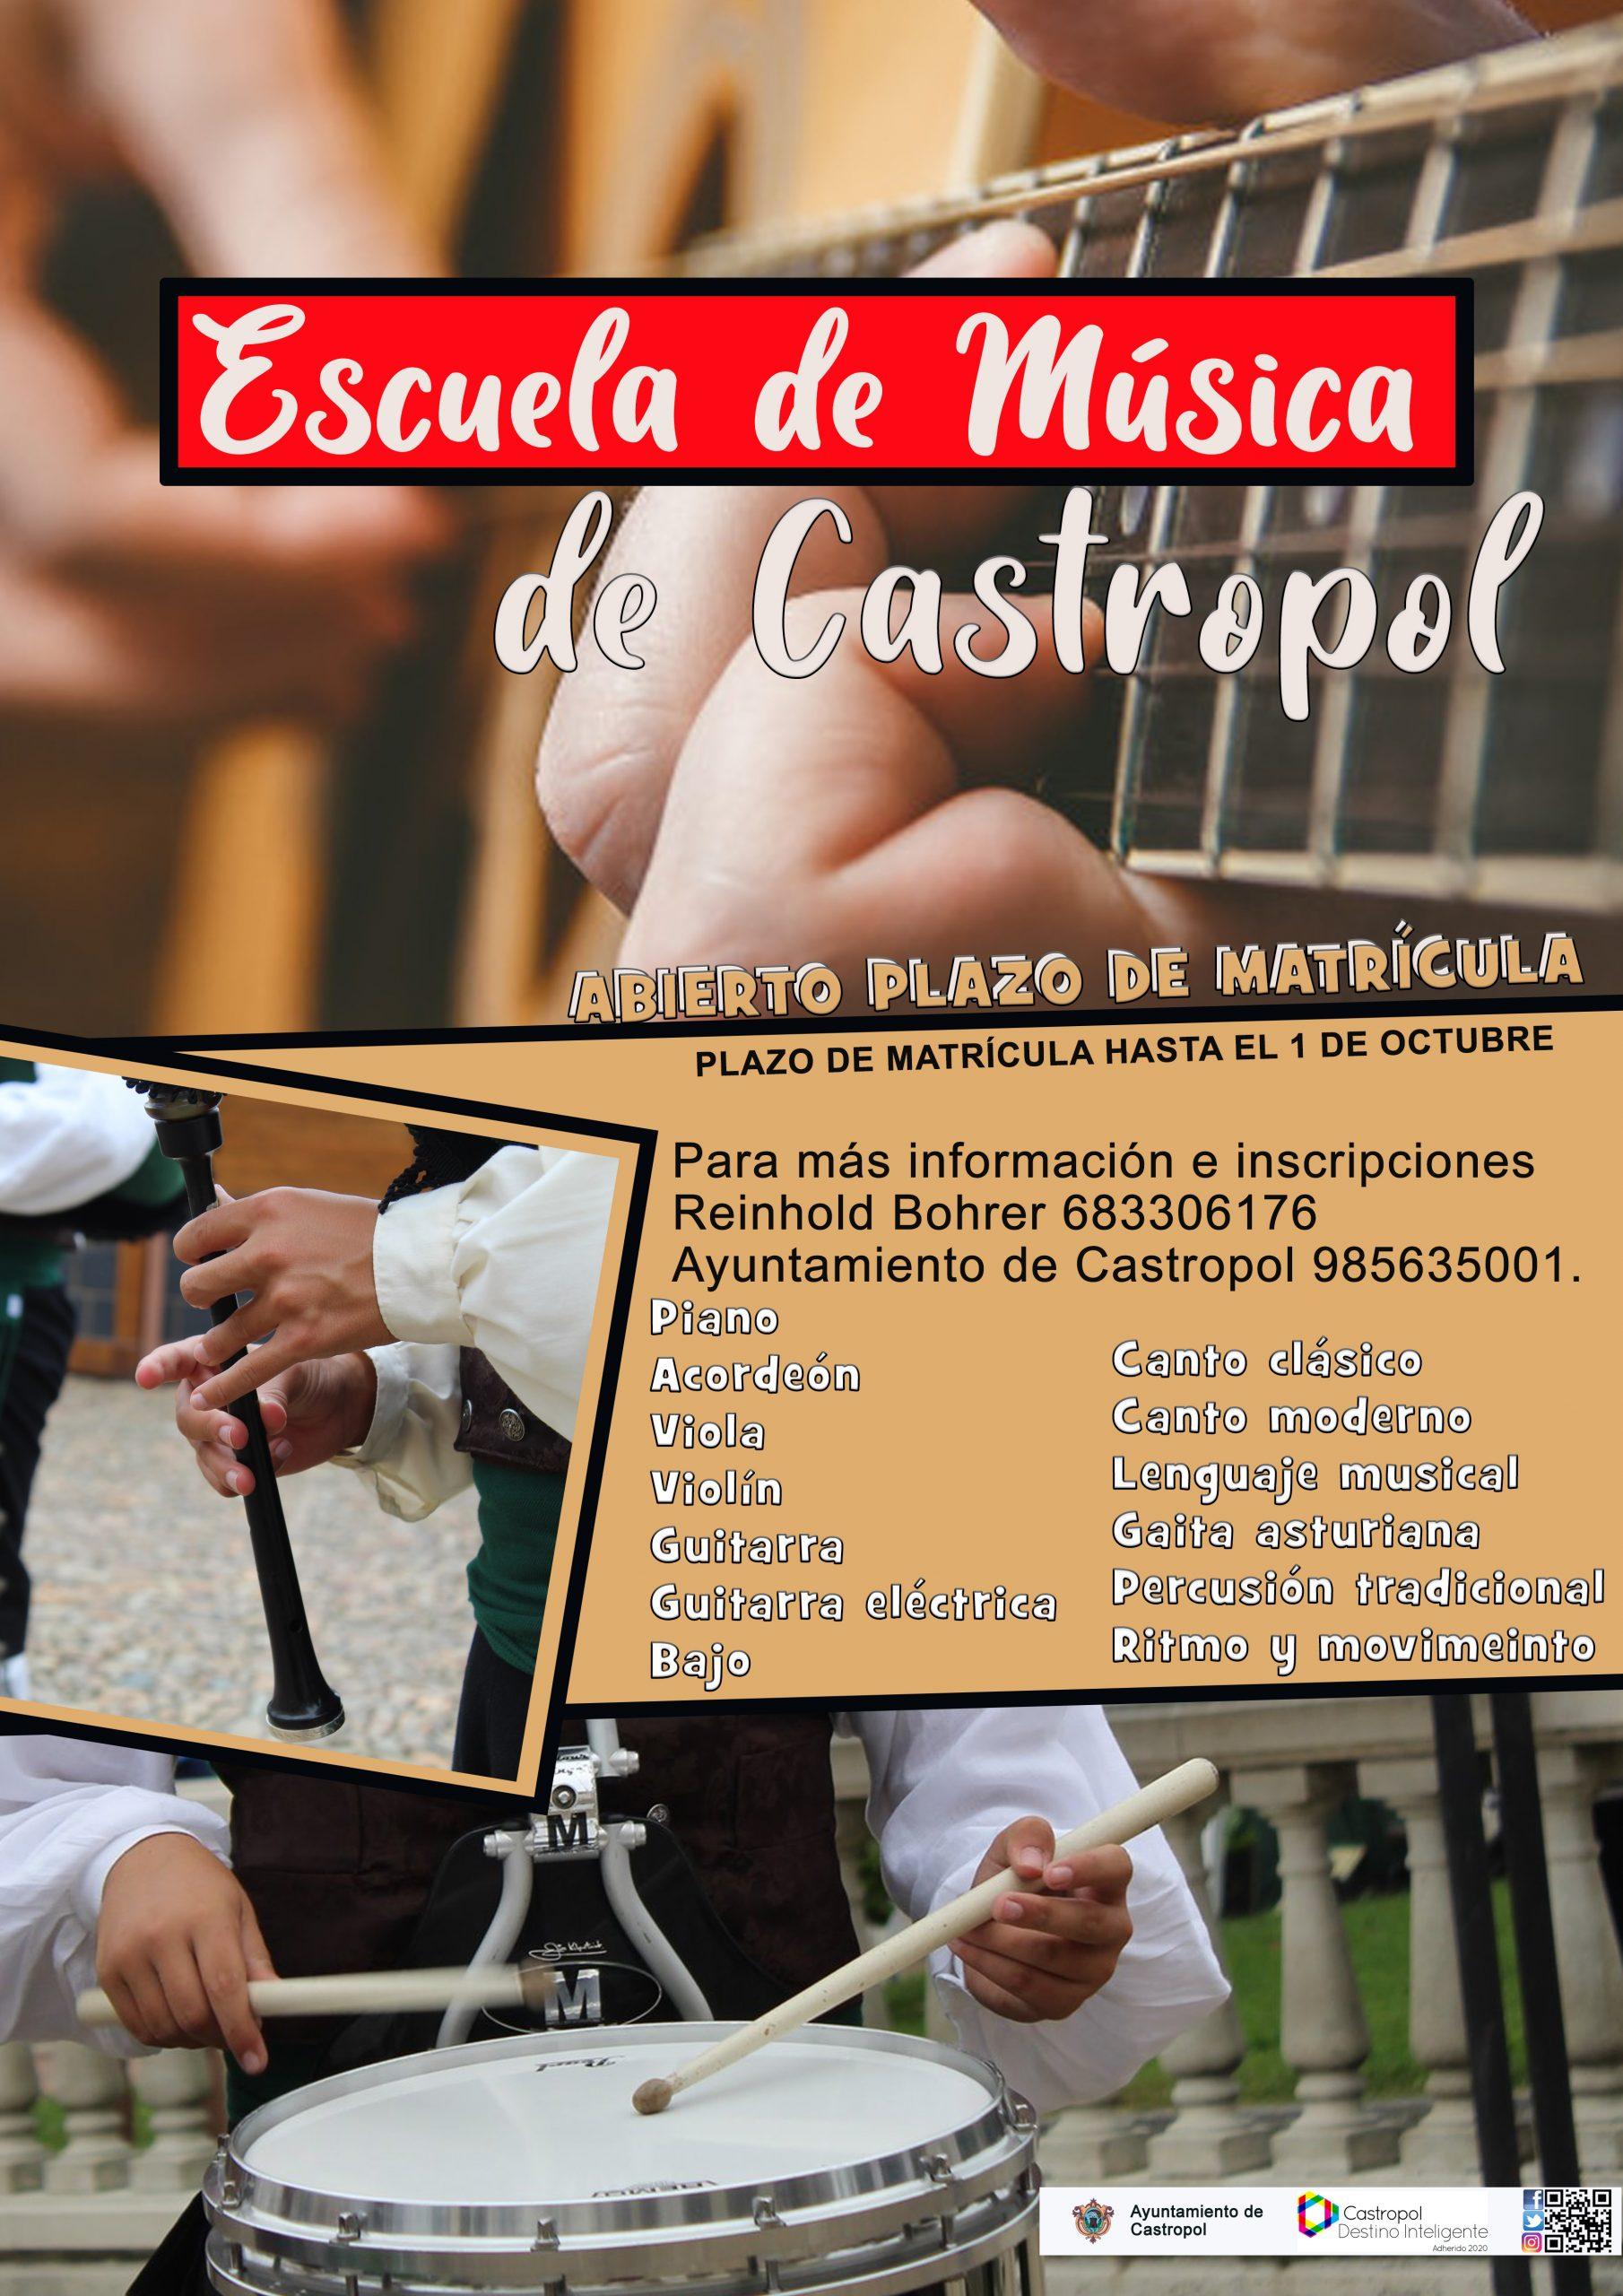 Abierto el plazo de matrícula de la Escuela de Música de Castropol.